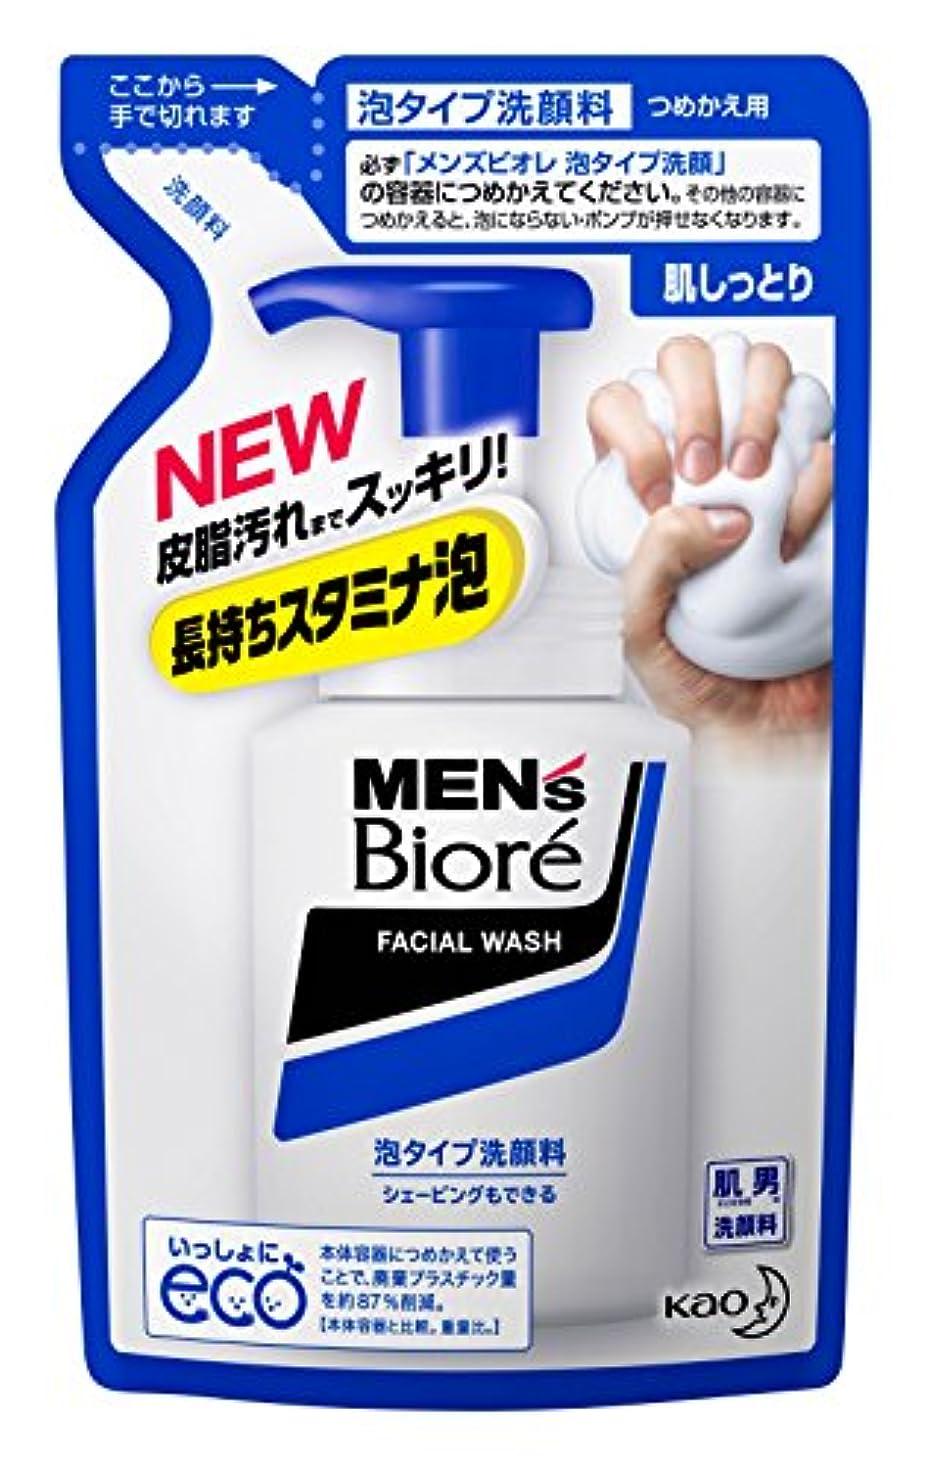 最適歯車無許可メンズビオレ 泡タイプ洗顔 つめかえ